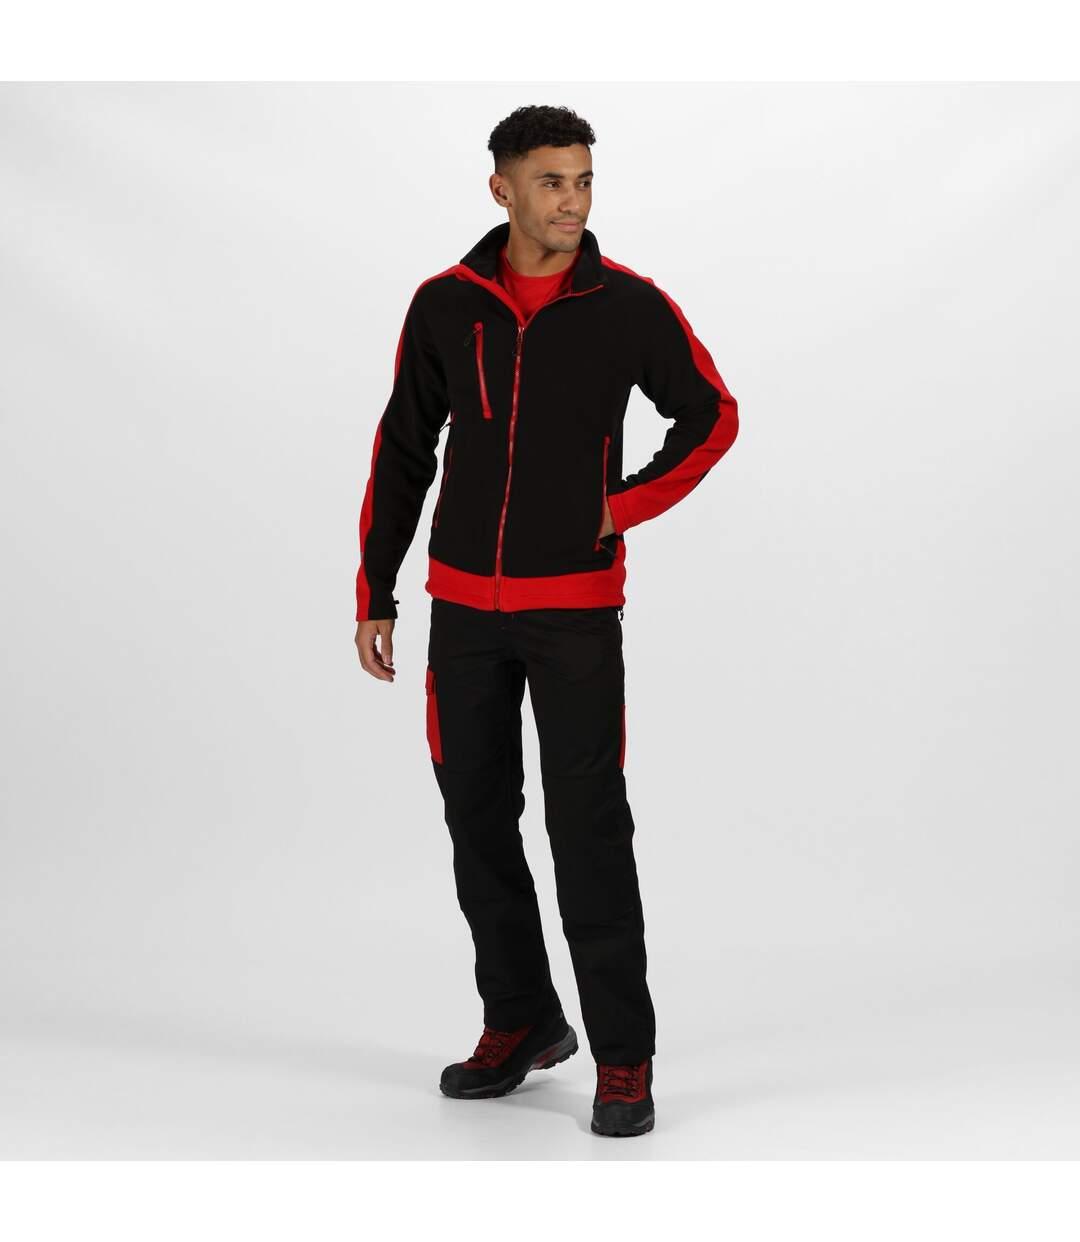 Regatta - Veste polaire CONTRAST - Homme (Noir / rouge) - UTRG3568